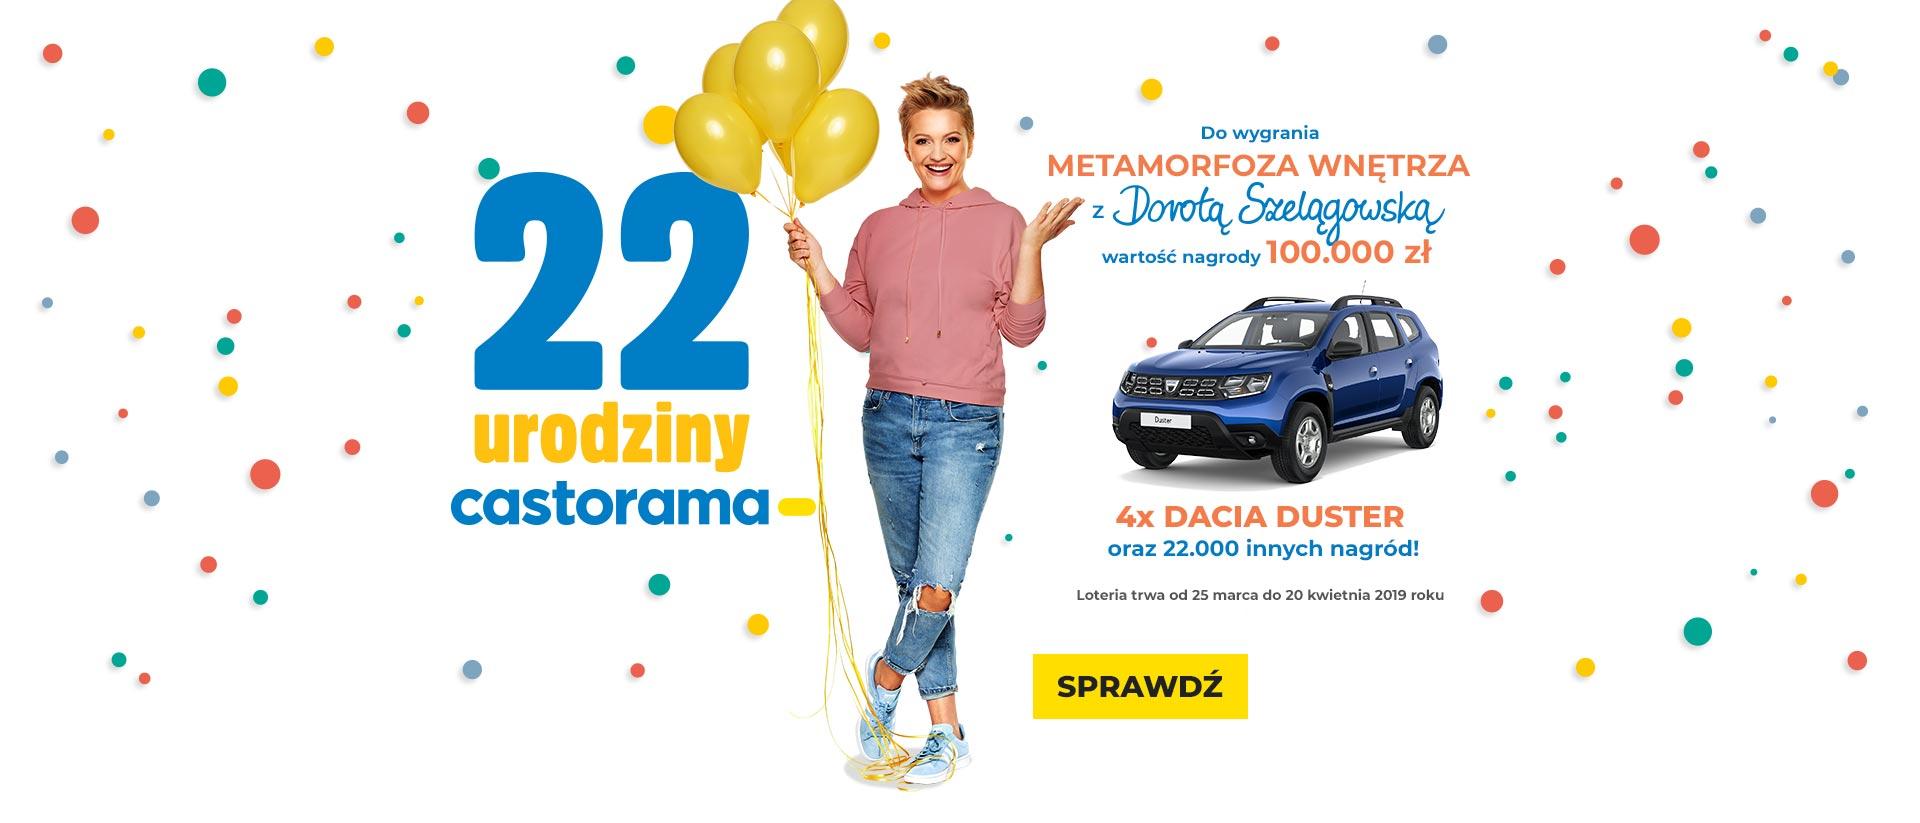 22. urodziny Castoramy